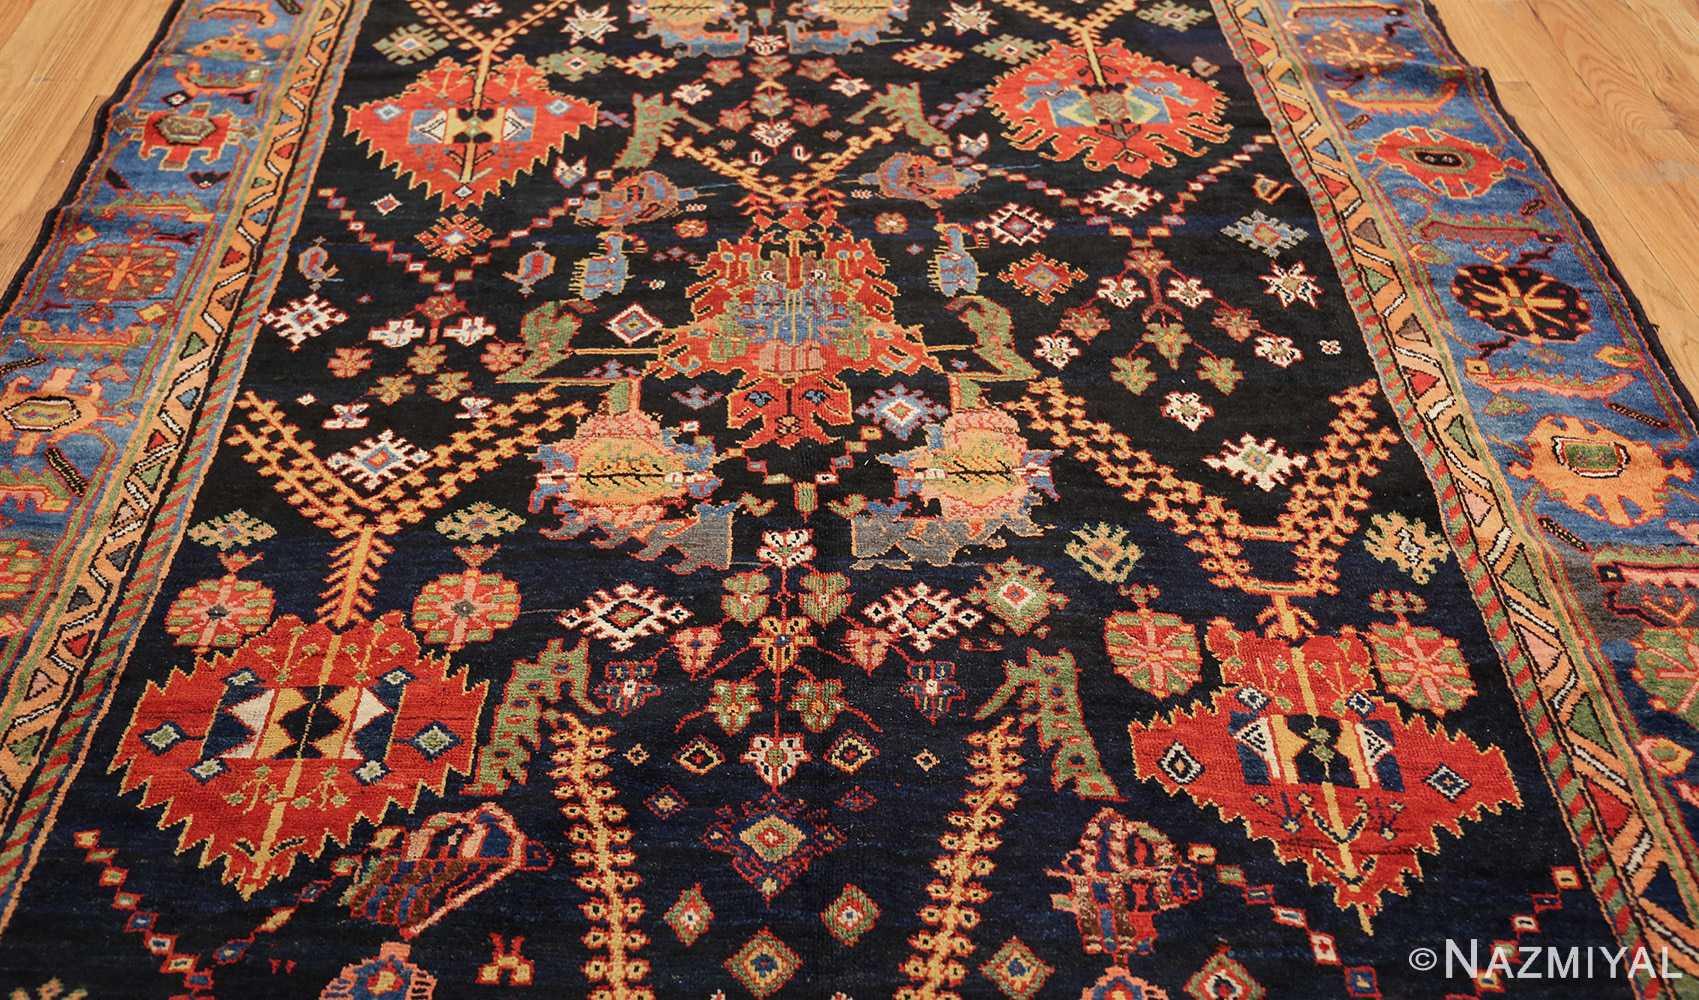 Colorful Antique Persian Bakhtiari Rug 48728 By Nazmiyal